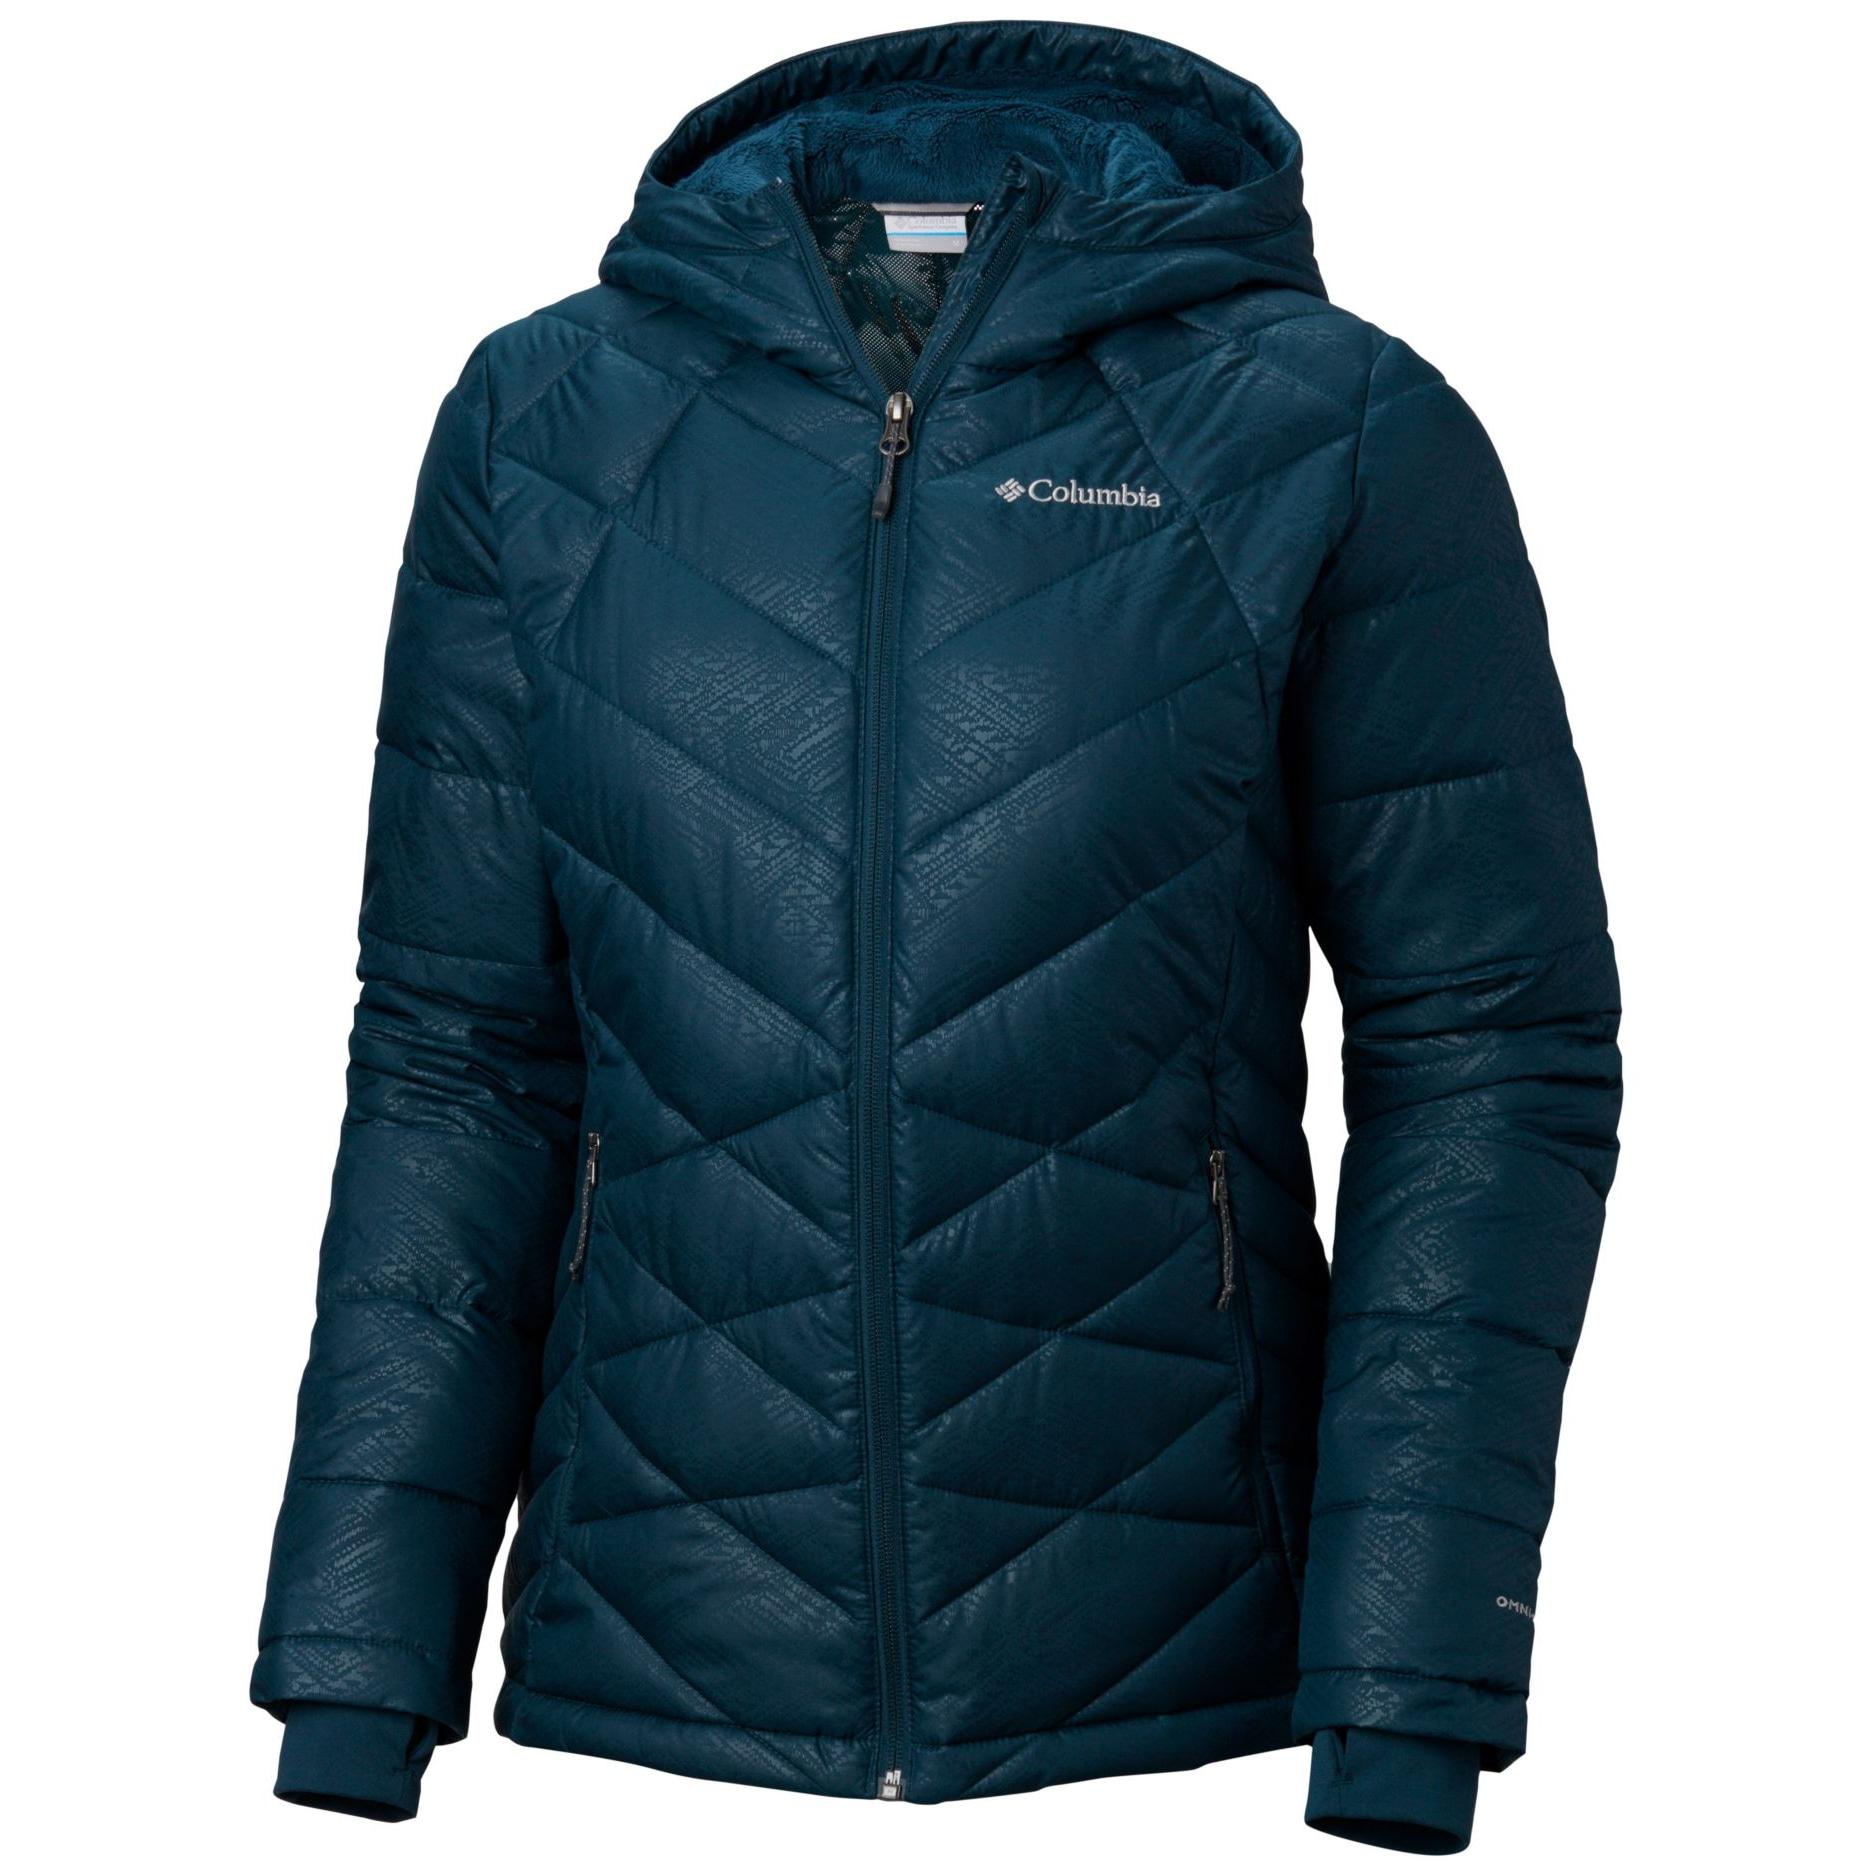 Heavenly Hooded Jacket Plus - Women's